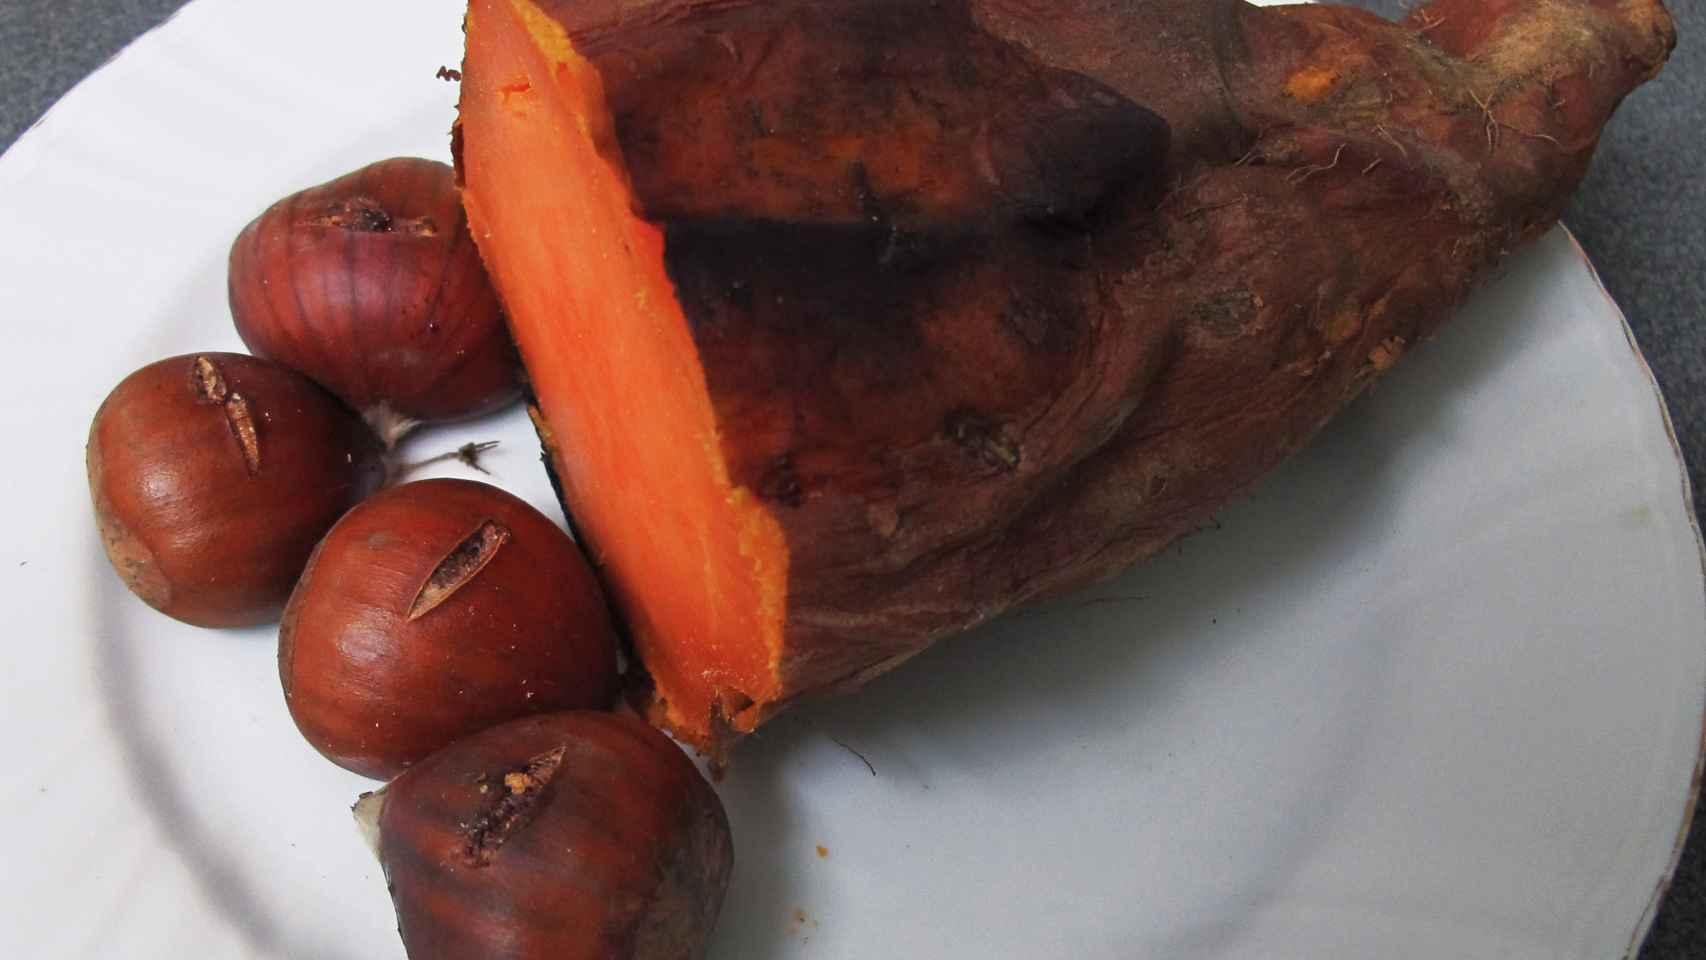 Na Catalunha, é geralmente comido em Castanhas tradicionais para celebrar o dia de todos os santos.